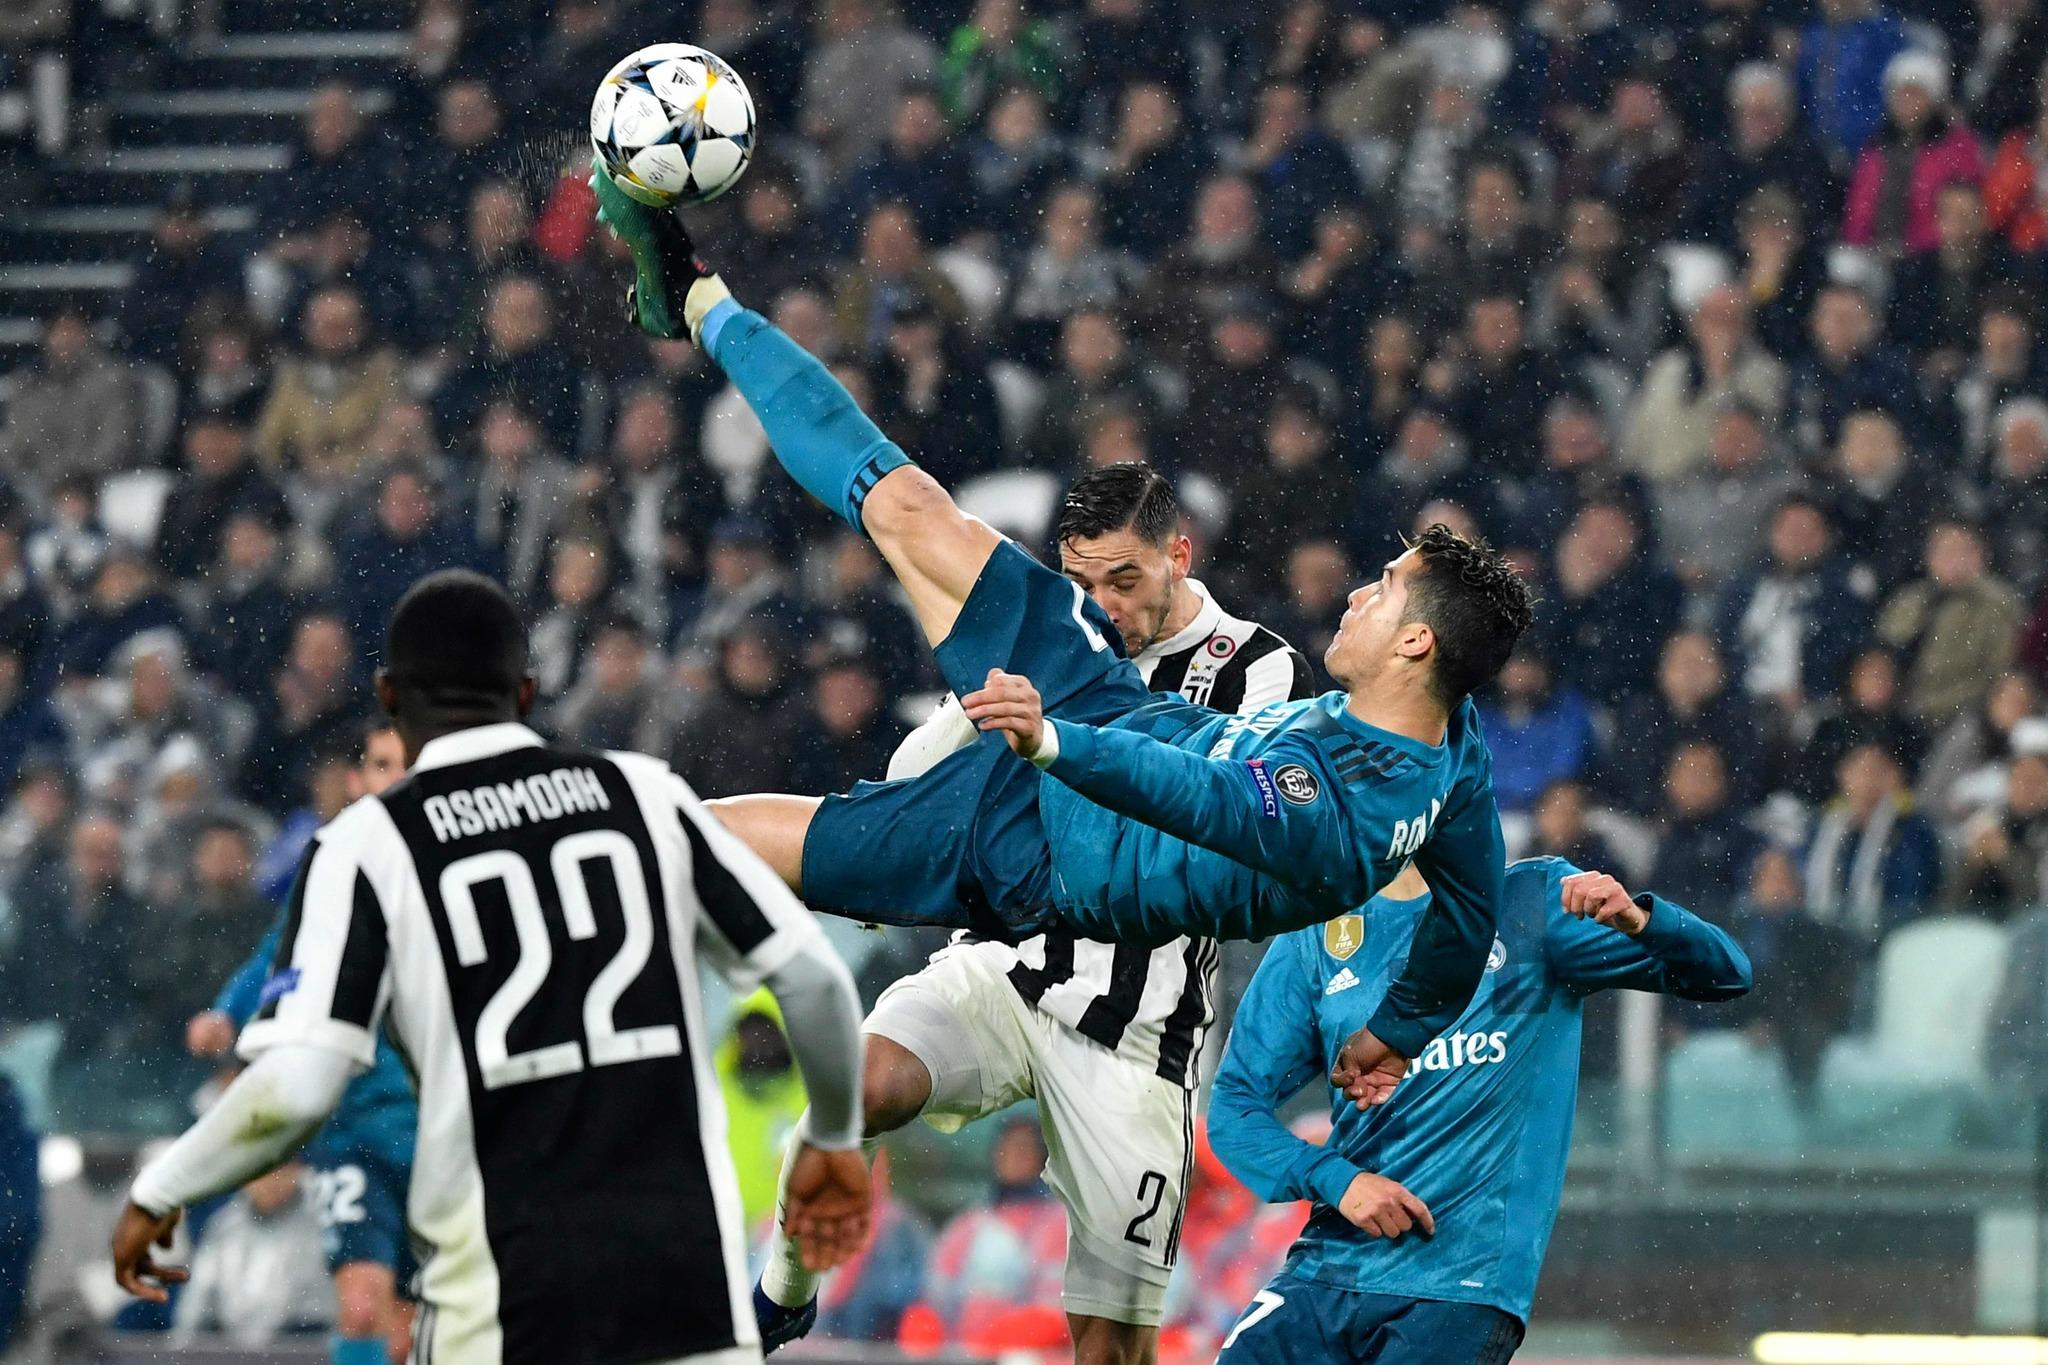 Cristiano Ronaldo remata de chilena para hacer el 0-2